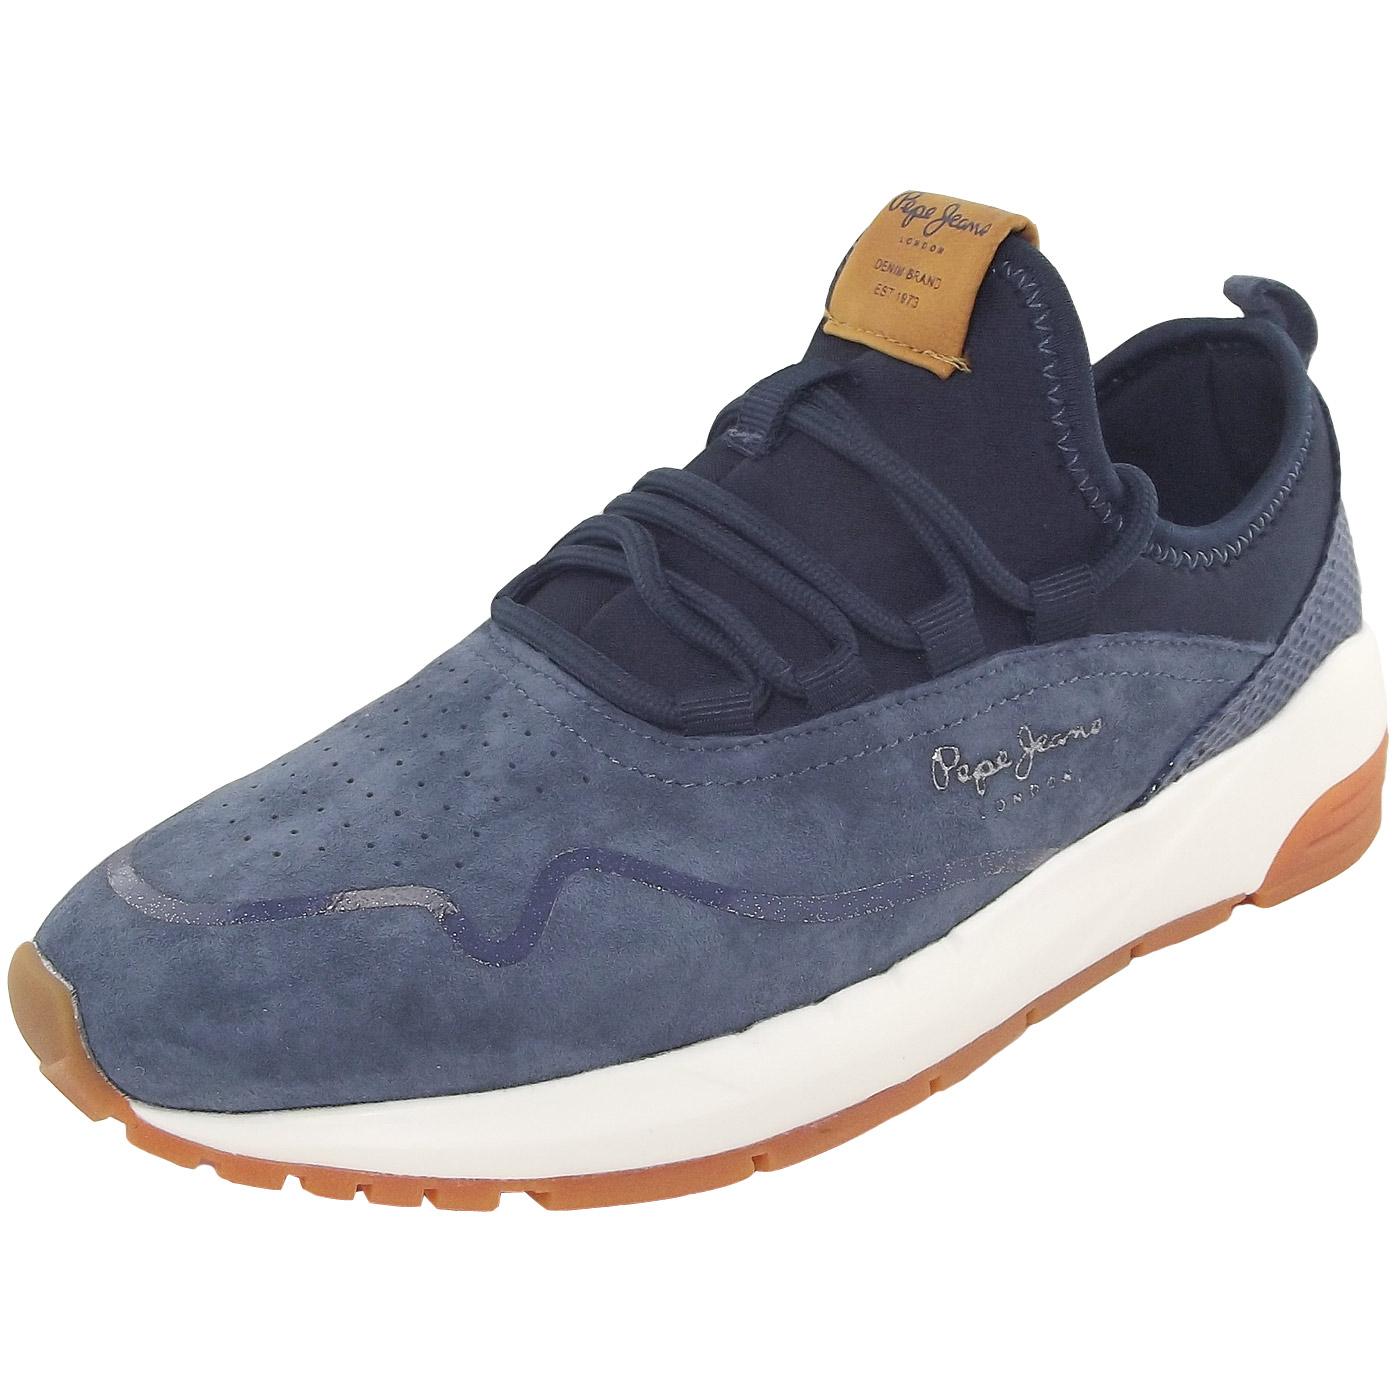 Foster Footwear Damen Aqua Schuhe Mädchen Damen Jungen Aqua Schuhe